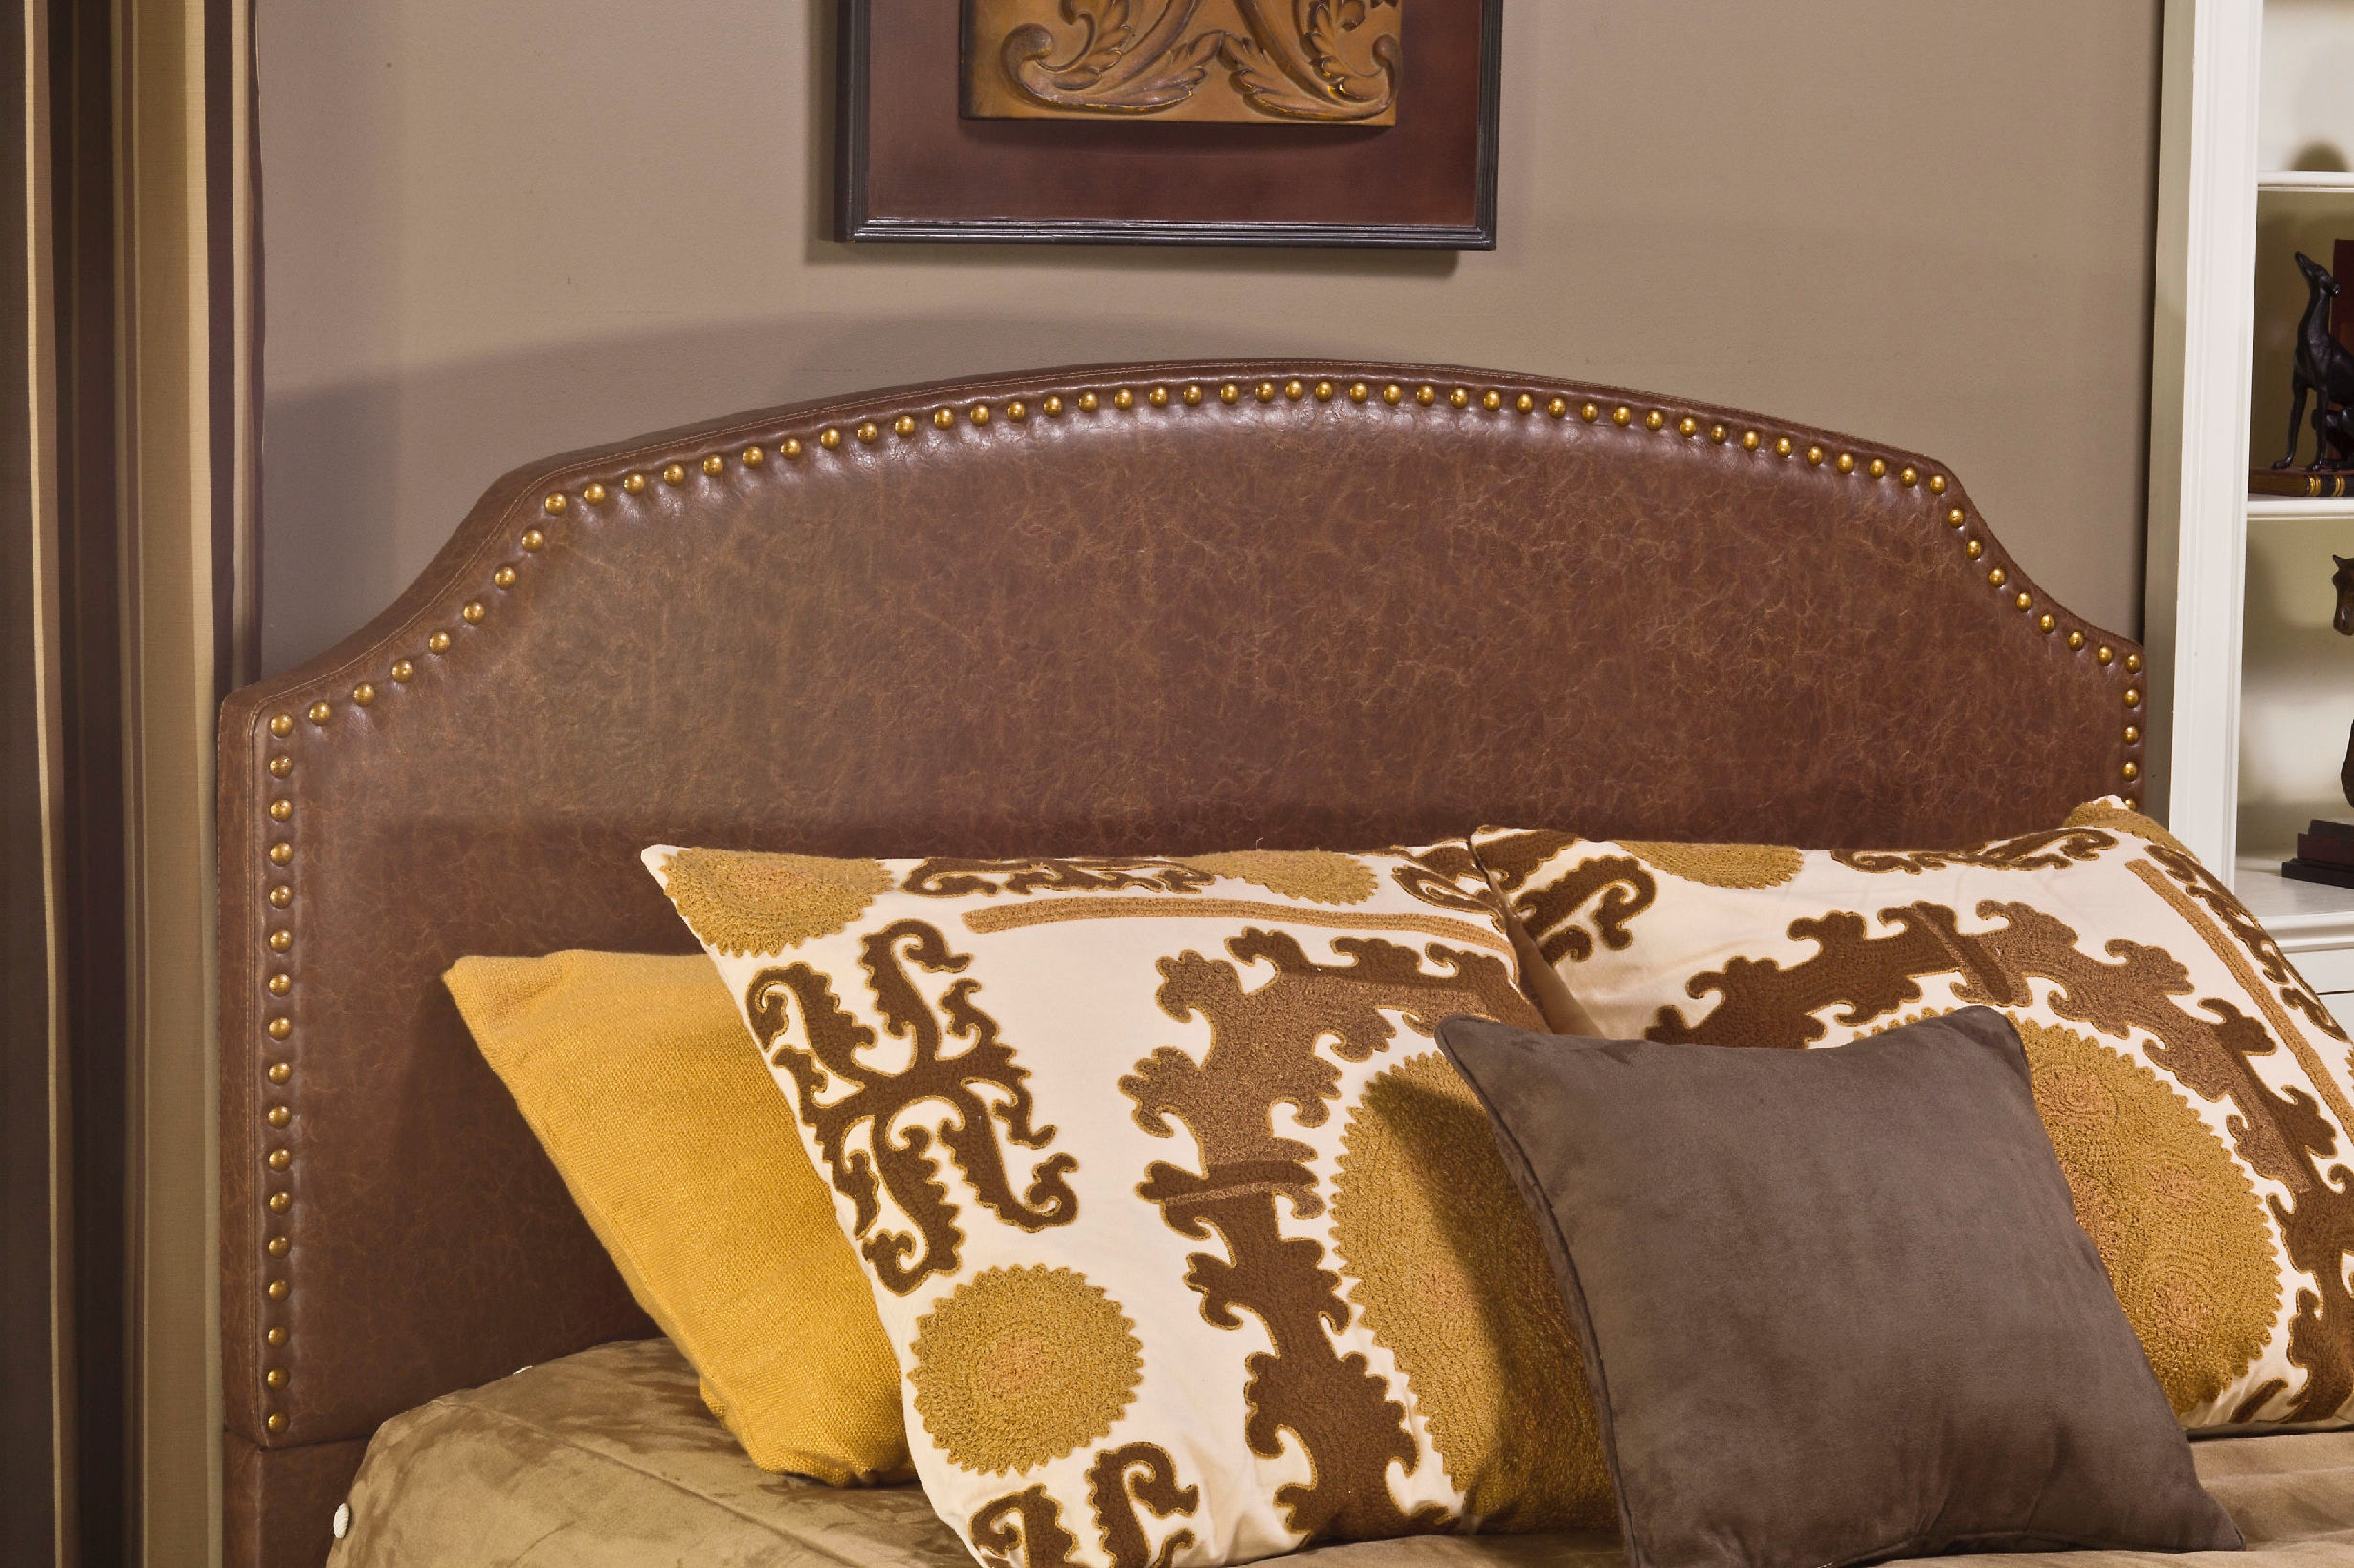 Superbe Hillsdale Furniture Bedroom Durango Side Rail   King 1055 650   EMW Carpets  U0026 Furniture   Denver, CO